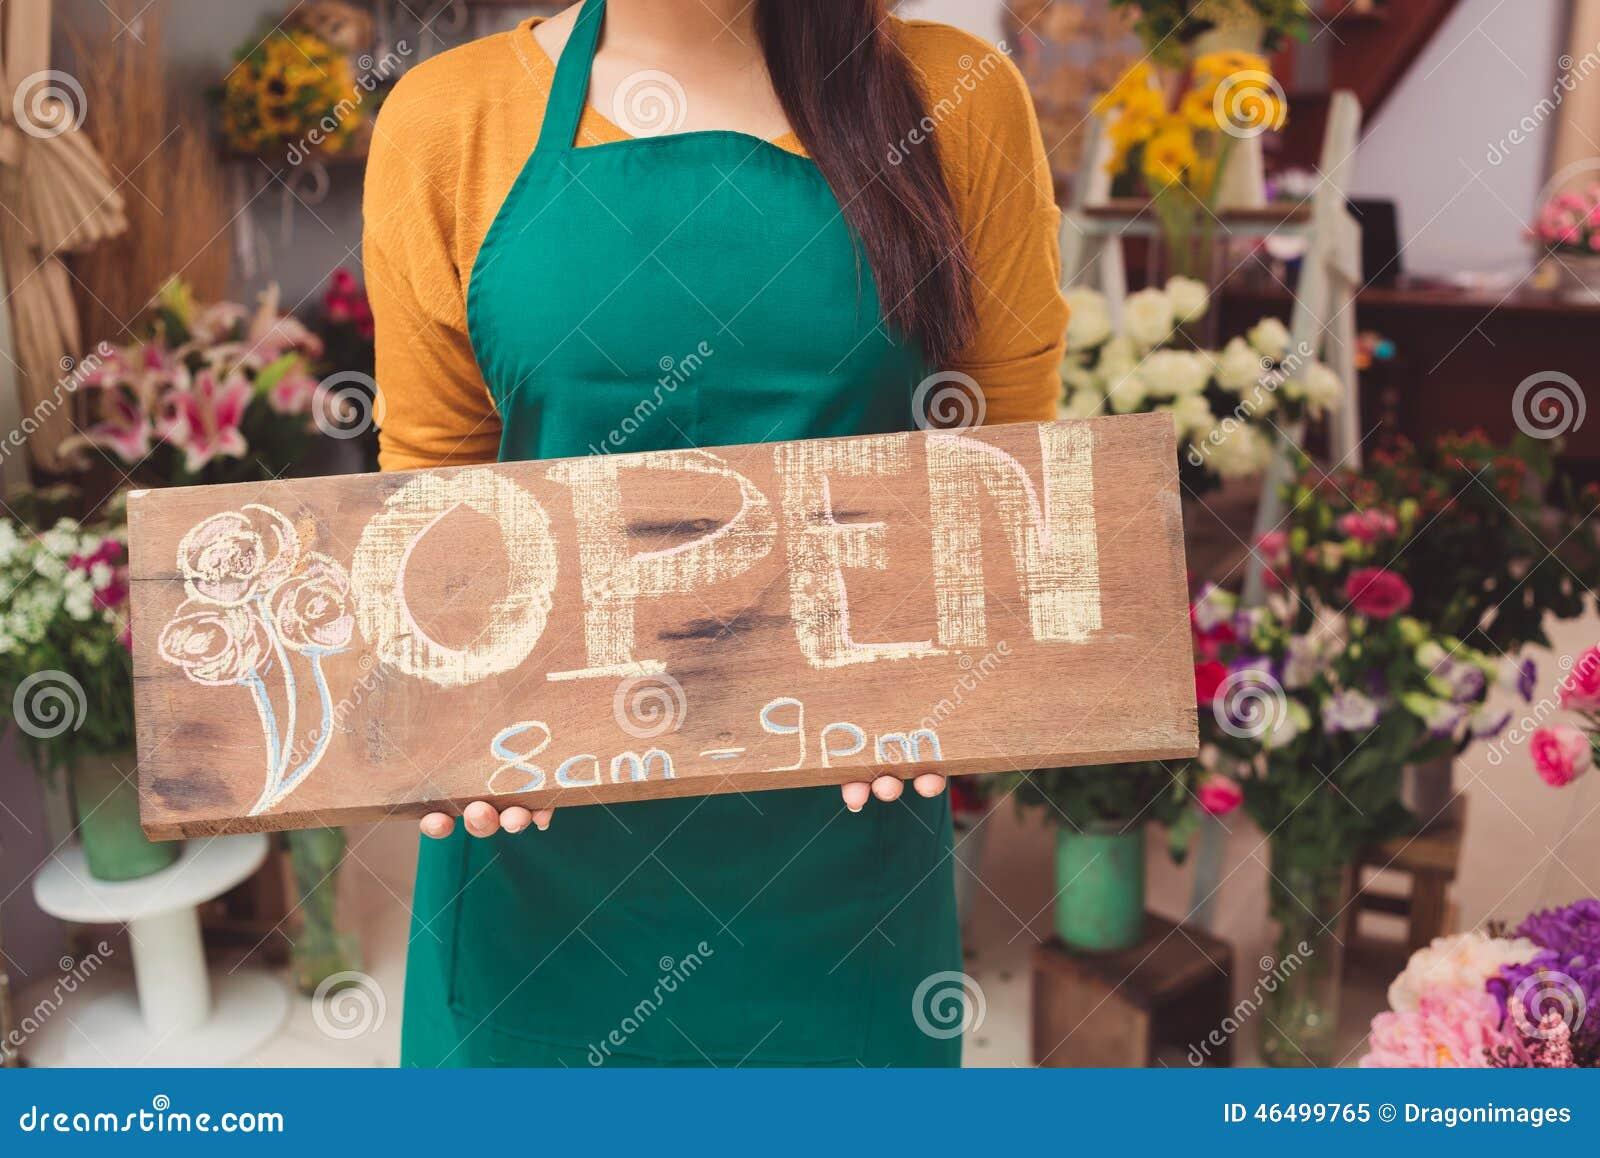 Blomsterhandeln är öppen